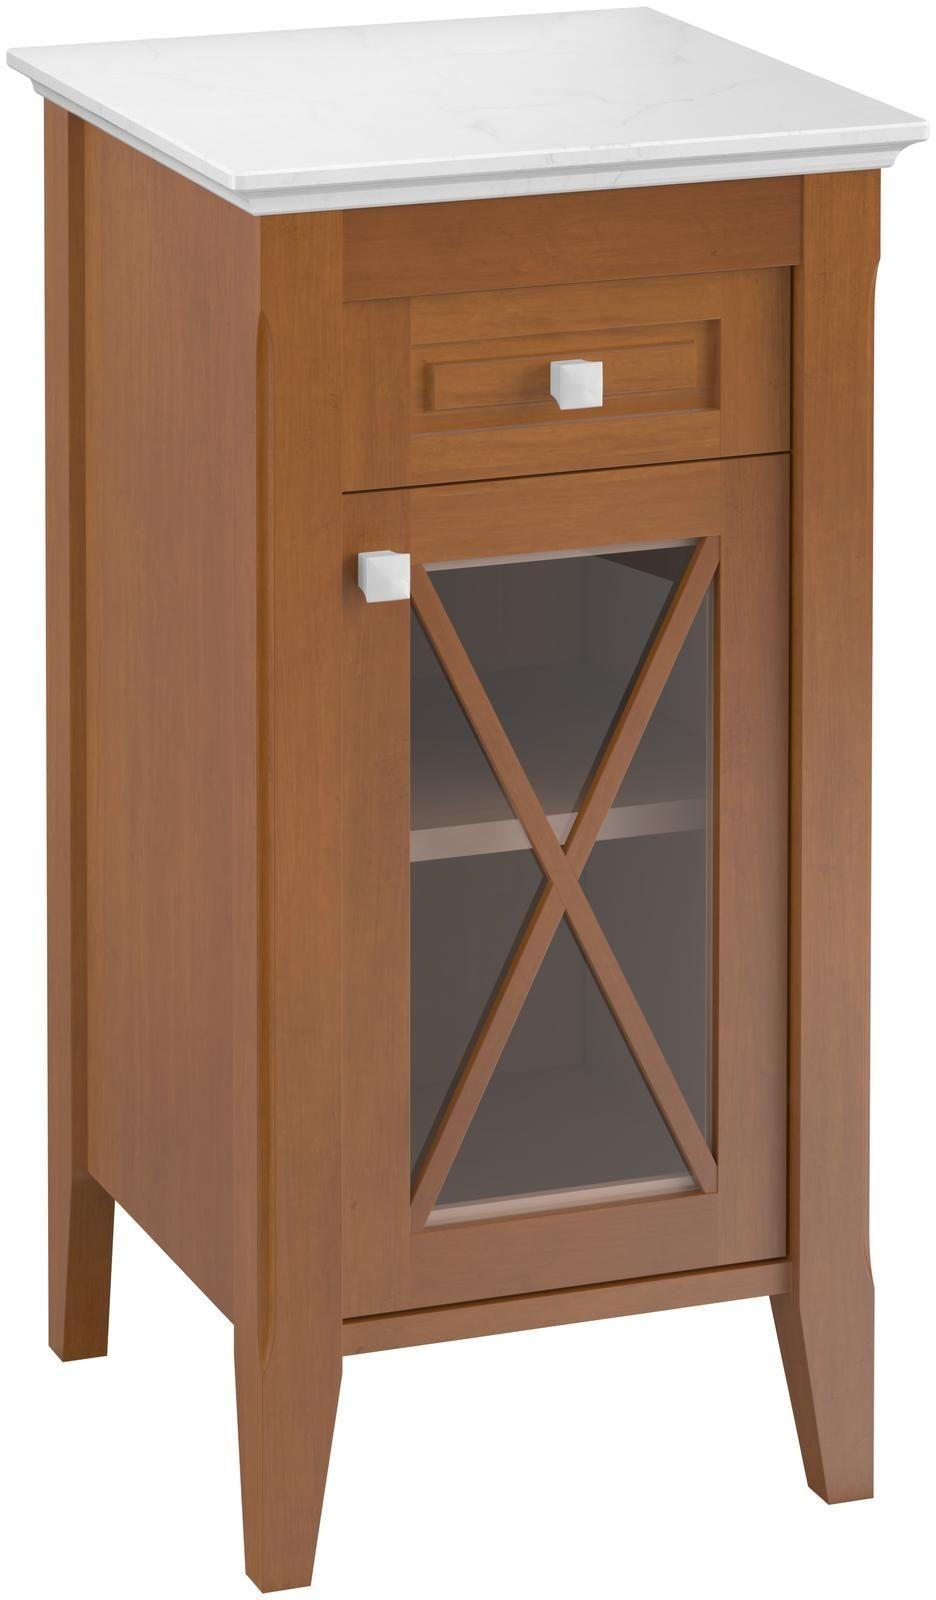 Villeroy & Boch Hommage Seitenschrank 89641101 H: 850 B: 440 T: 425 nussbaum dekor/weiß 1 Schublade 1 Tür 1 Fachboden Keramikgriffe in Sanitärfarbe